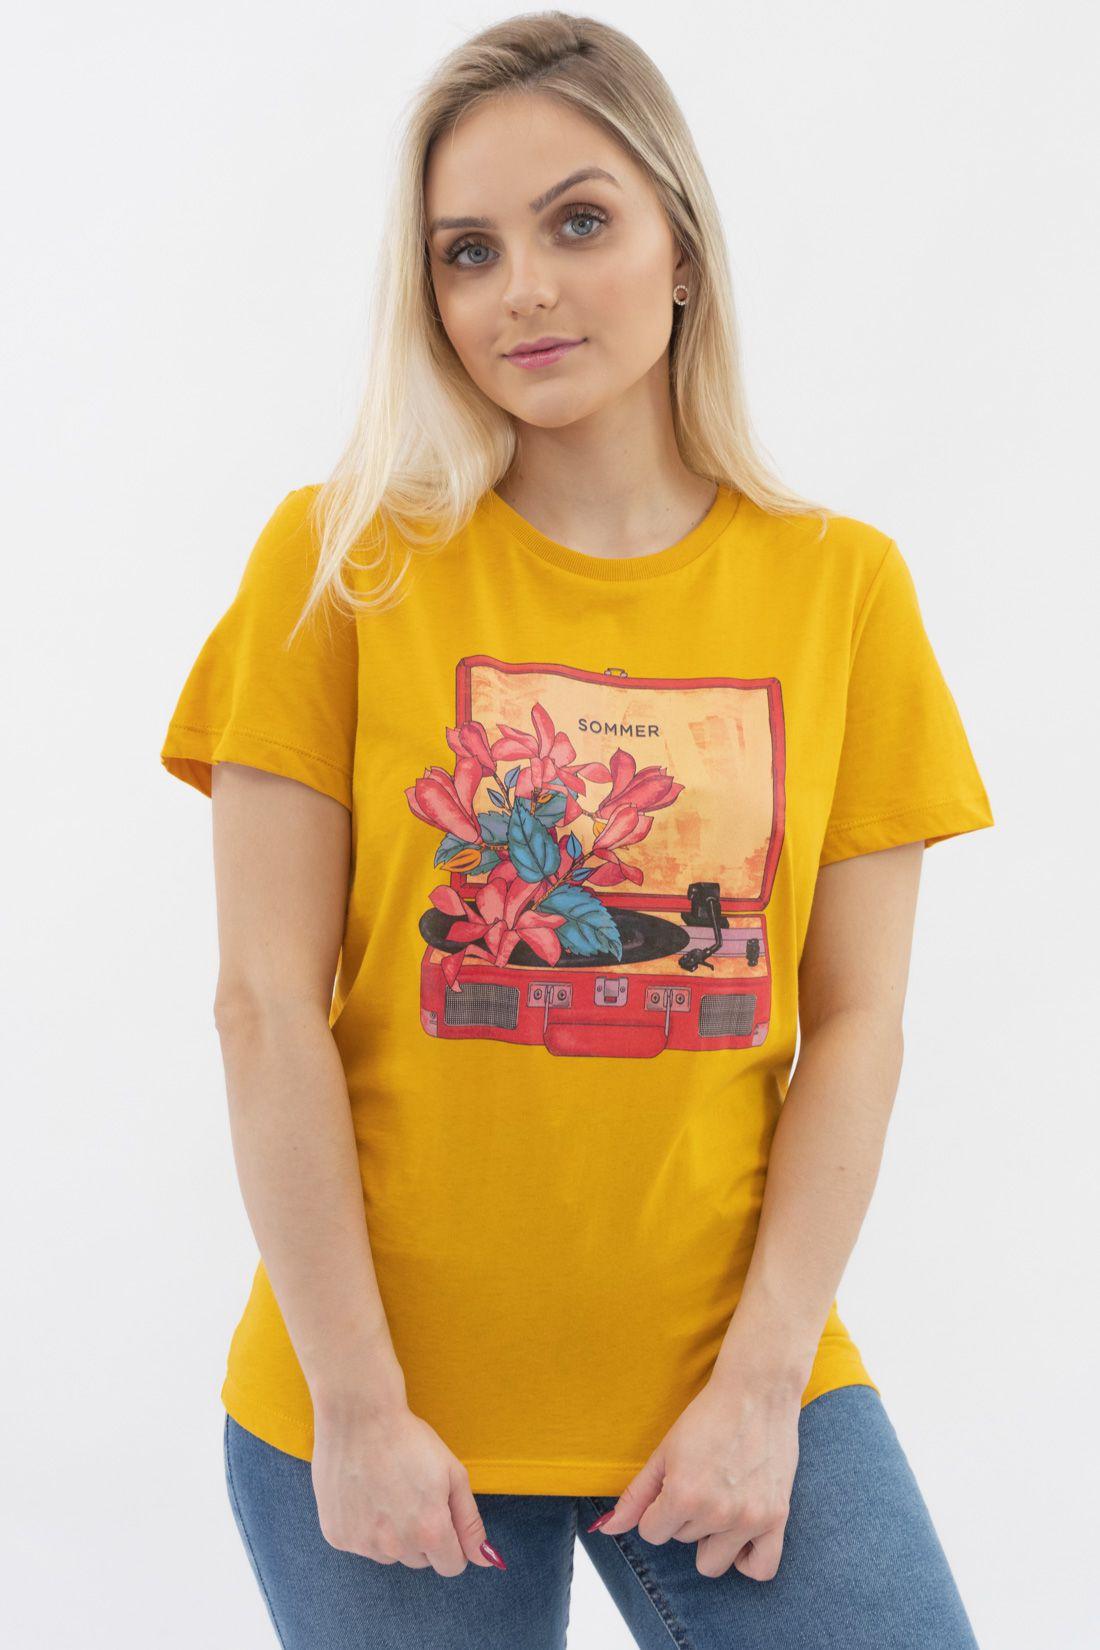 T Shirt Sommer Maleta